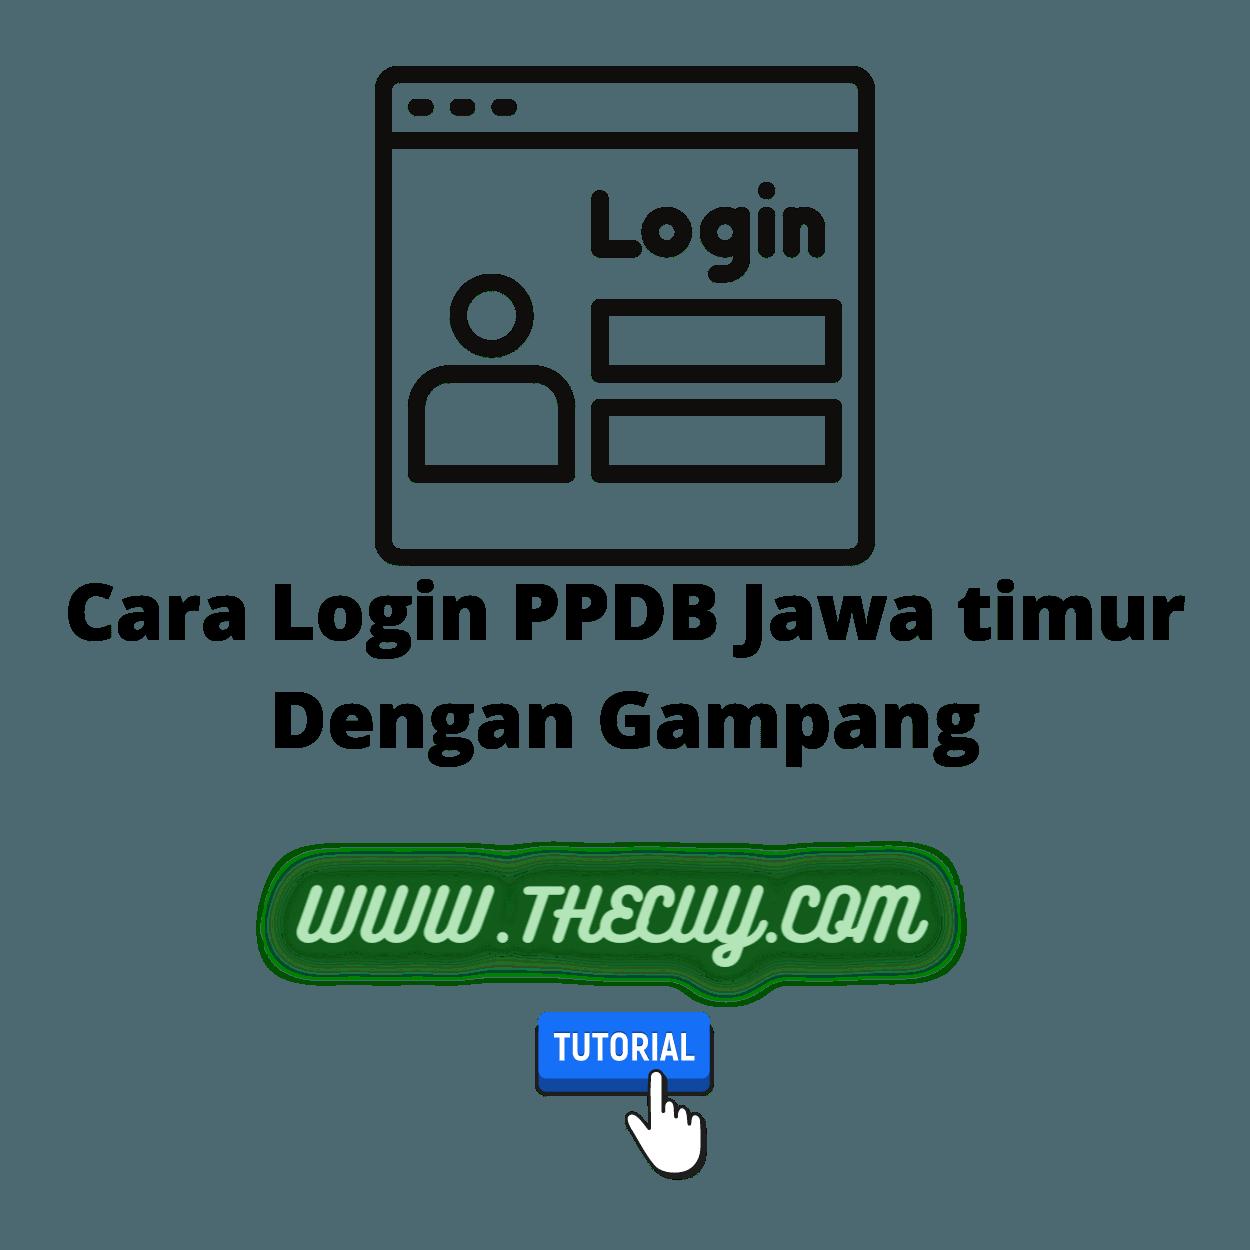 Cara Login PPDB Jawa timur Dengan Gampang